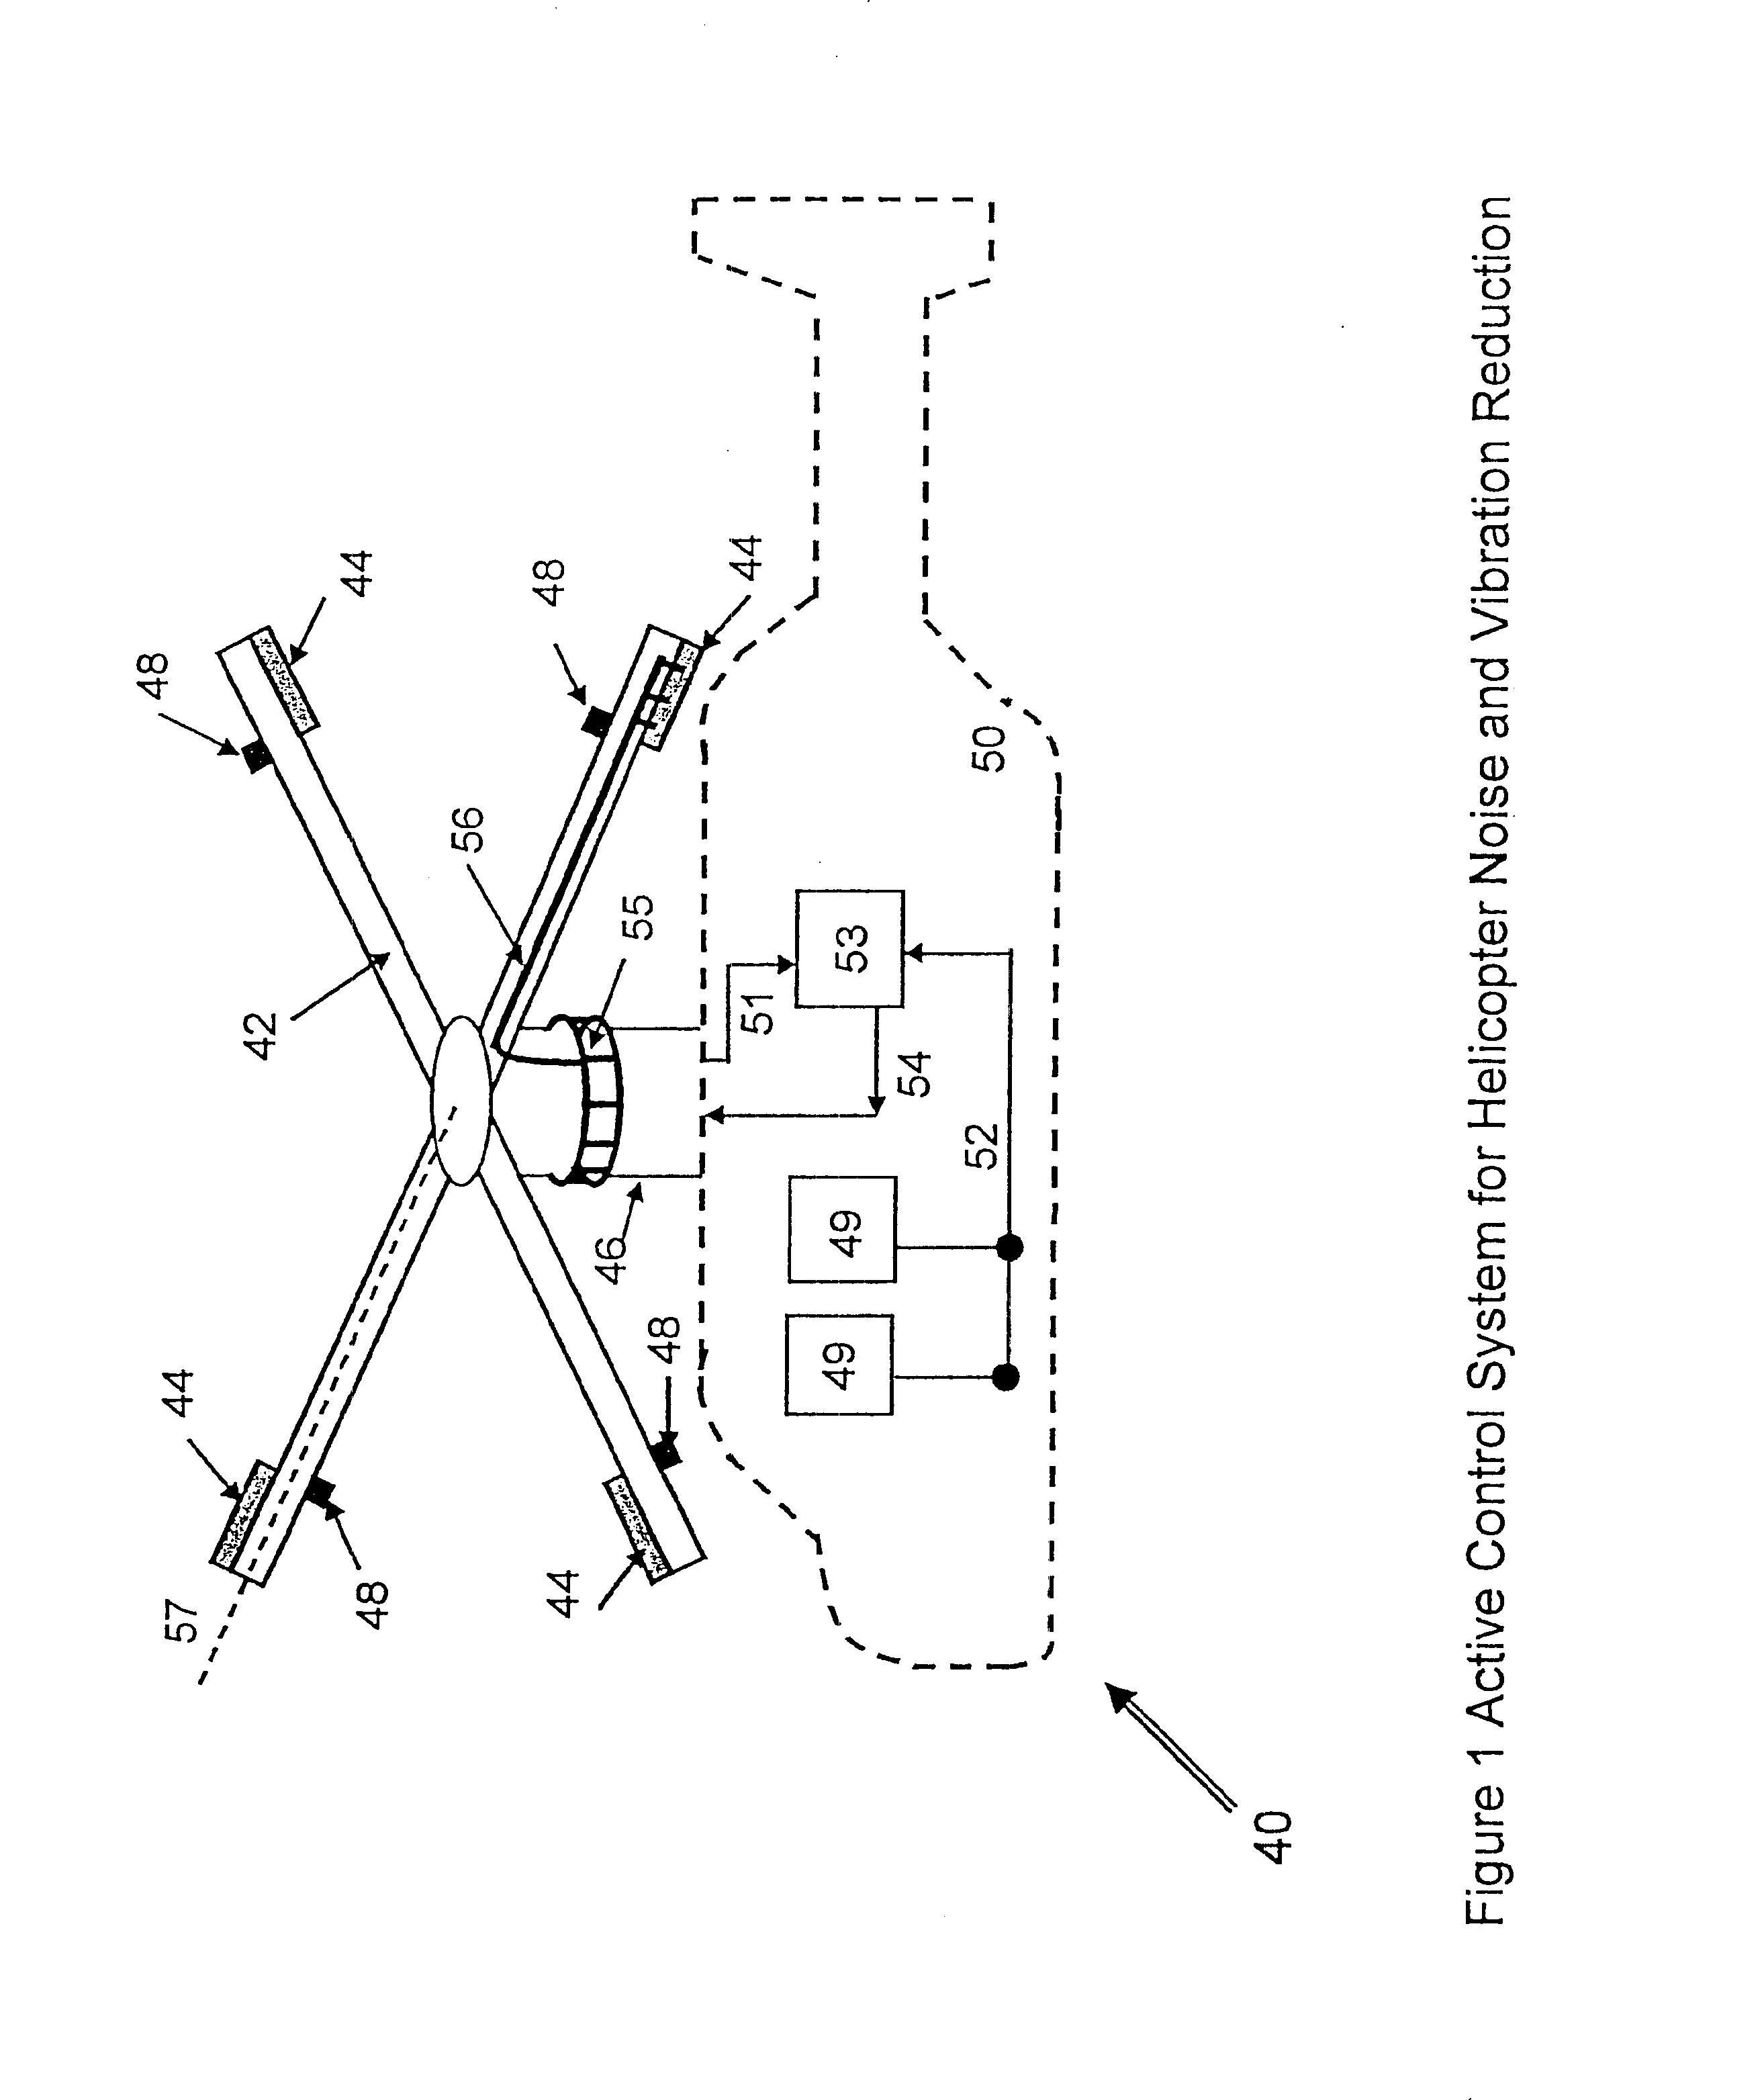 patent us6493689